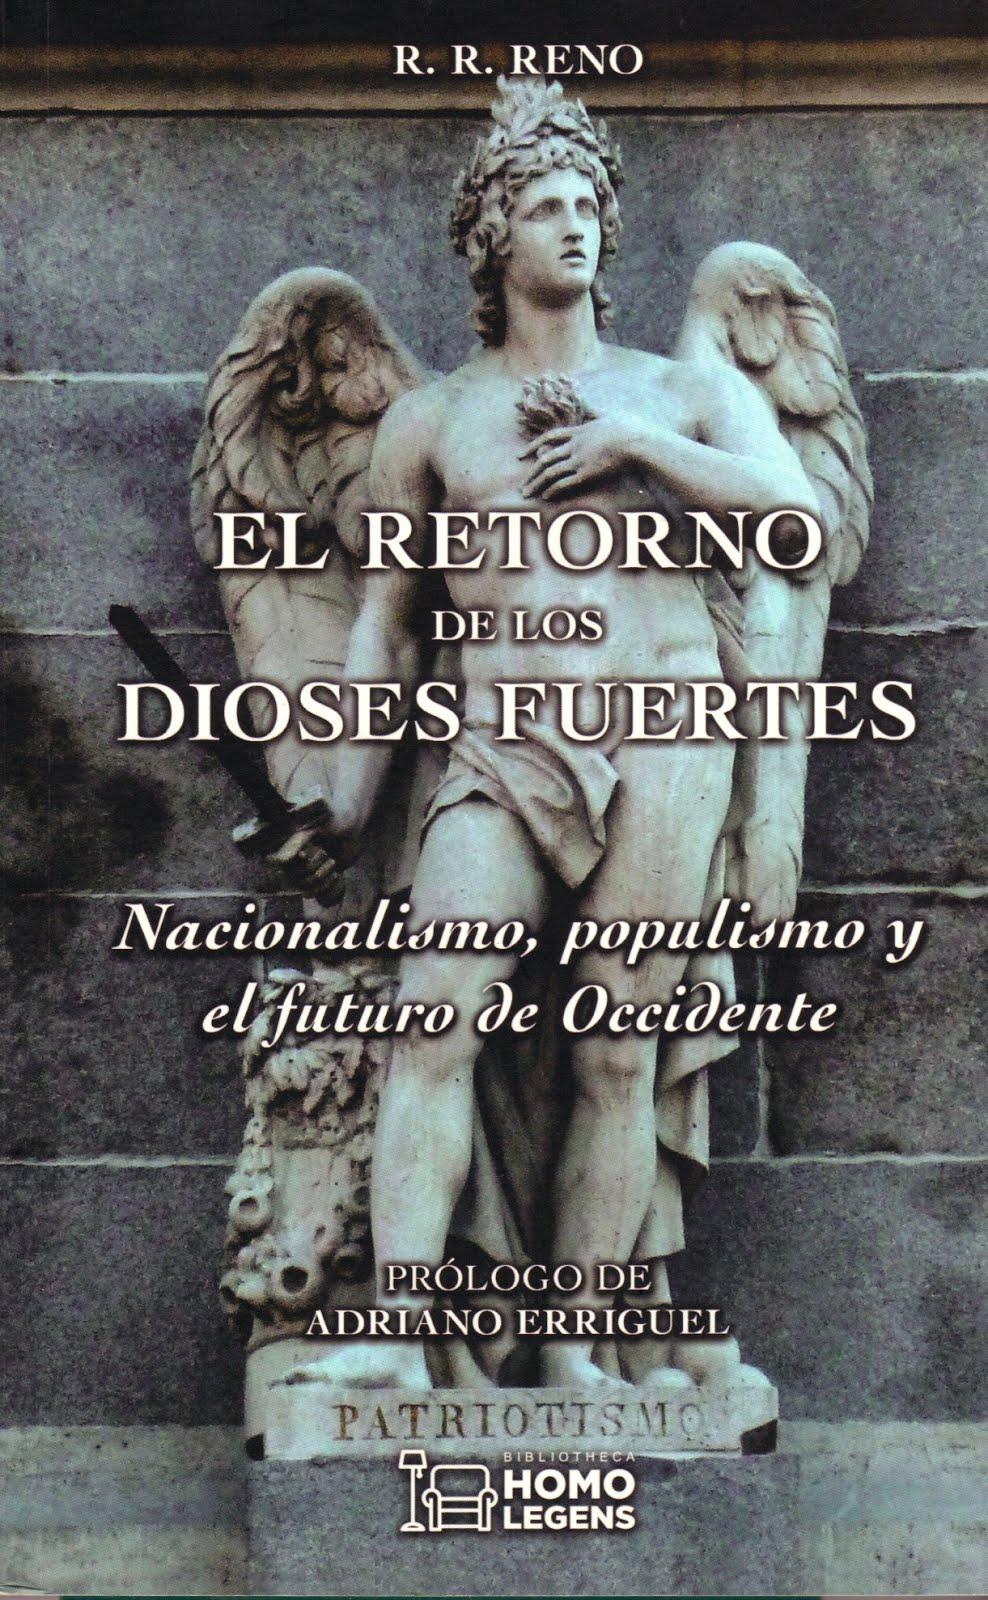 R.R. Reno (El retorno de los dioses fuertes (Nacionalismo, populismo y el futuro de Occidente